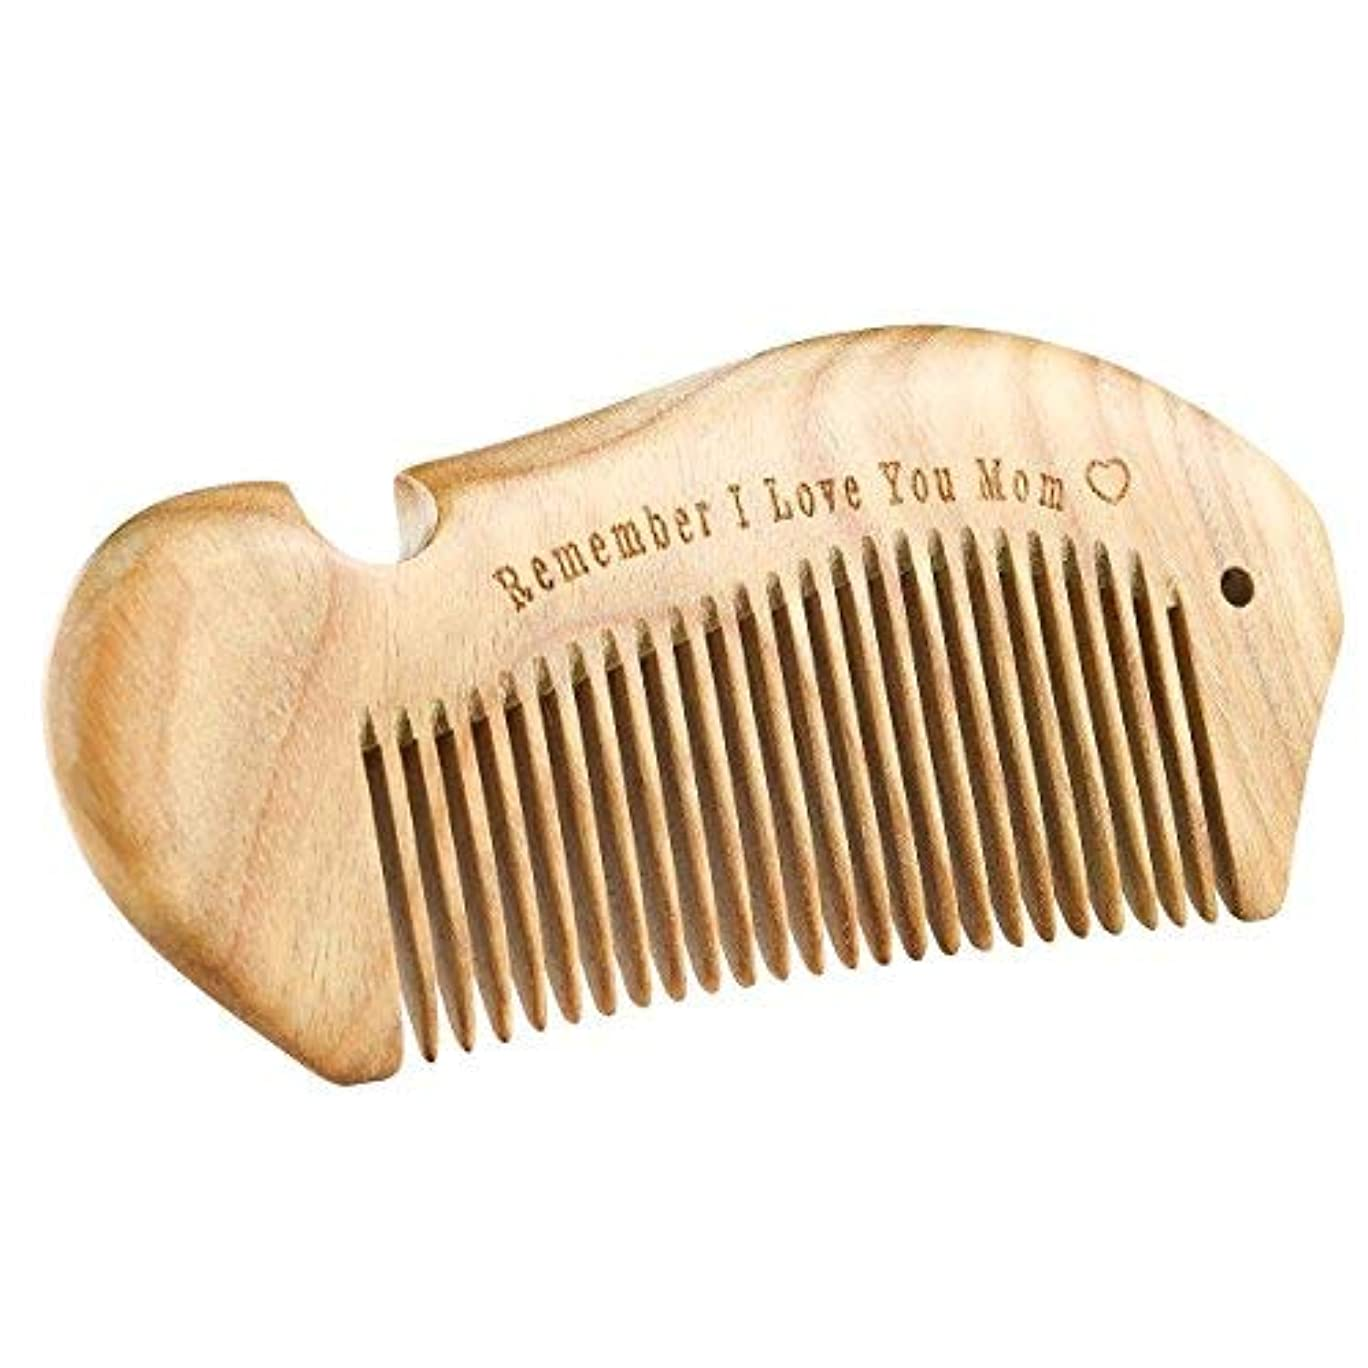 として慎重にこするi.VALUX Handmade Sandalwood Hair Comb,No Static Natural Aroma Wood Comb for Curly Hair [並行輸入品]